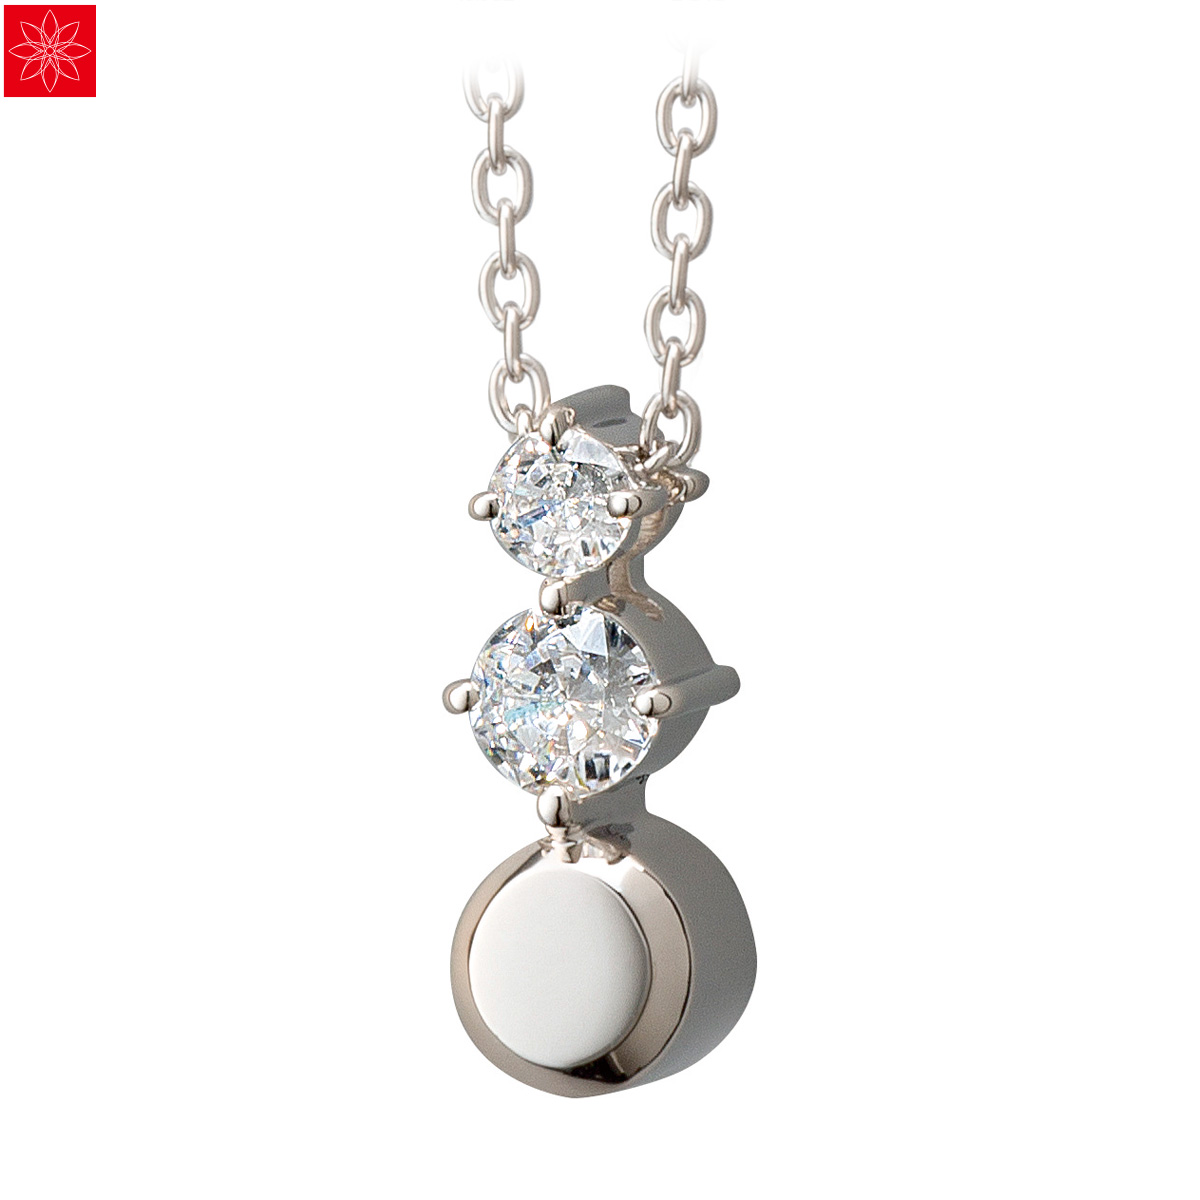 遺骨ペンダント Soul Jewelry Pour toi (プルトワ) ラウンドデイジー Made with SWAROVSKI ZIRCONIA シルバー925